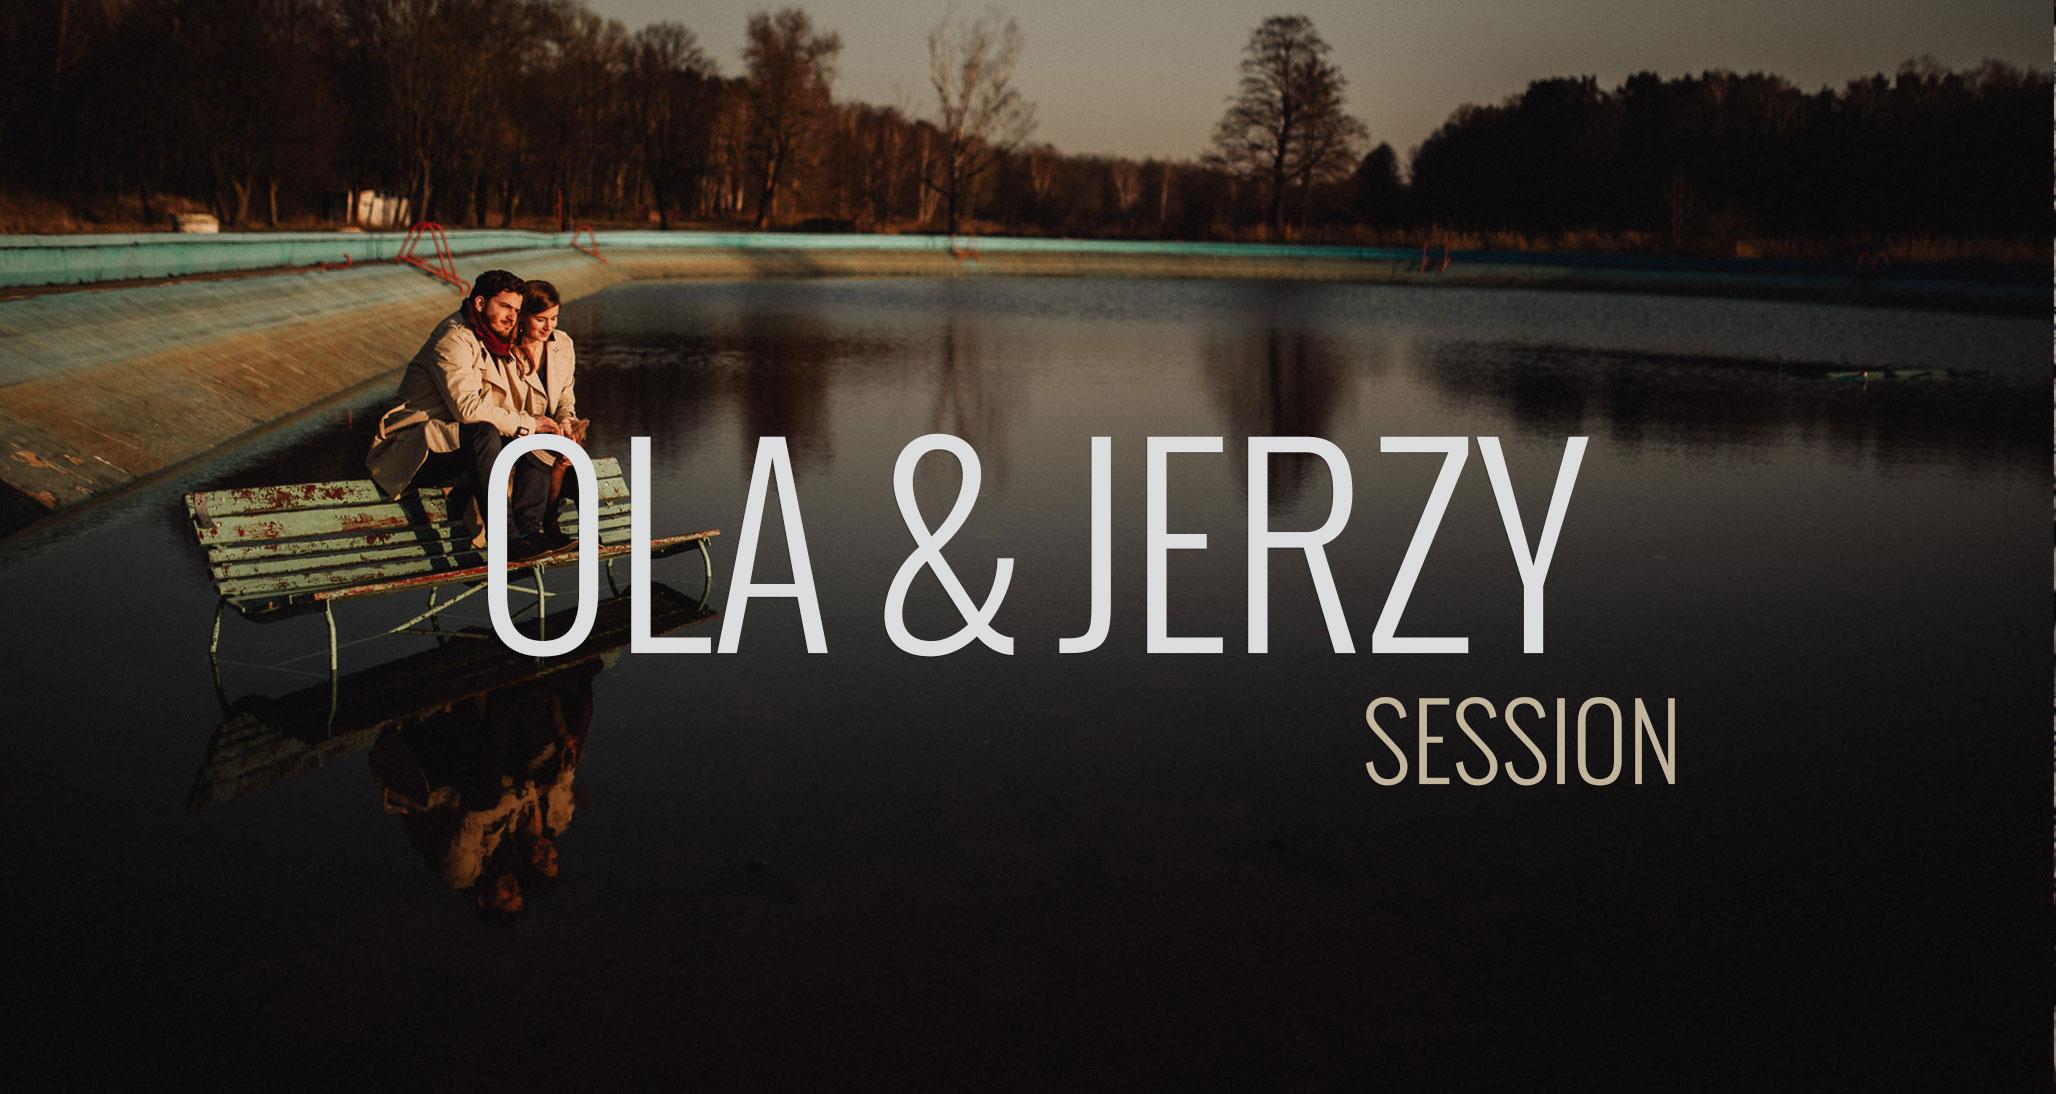 OLA&JERZY-SESSION.jpg